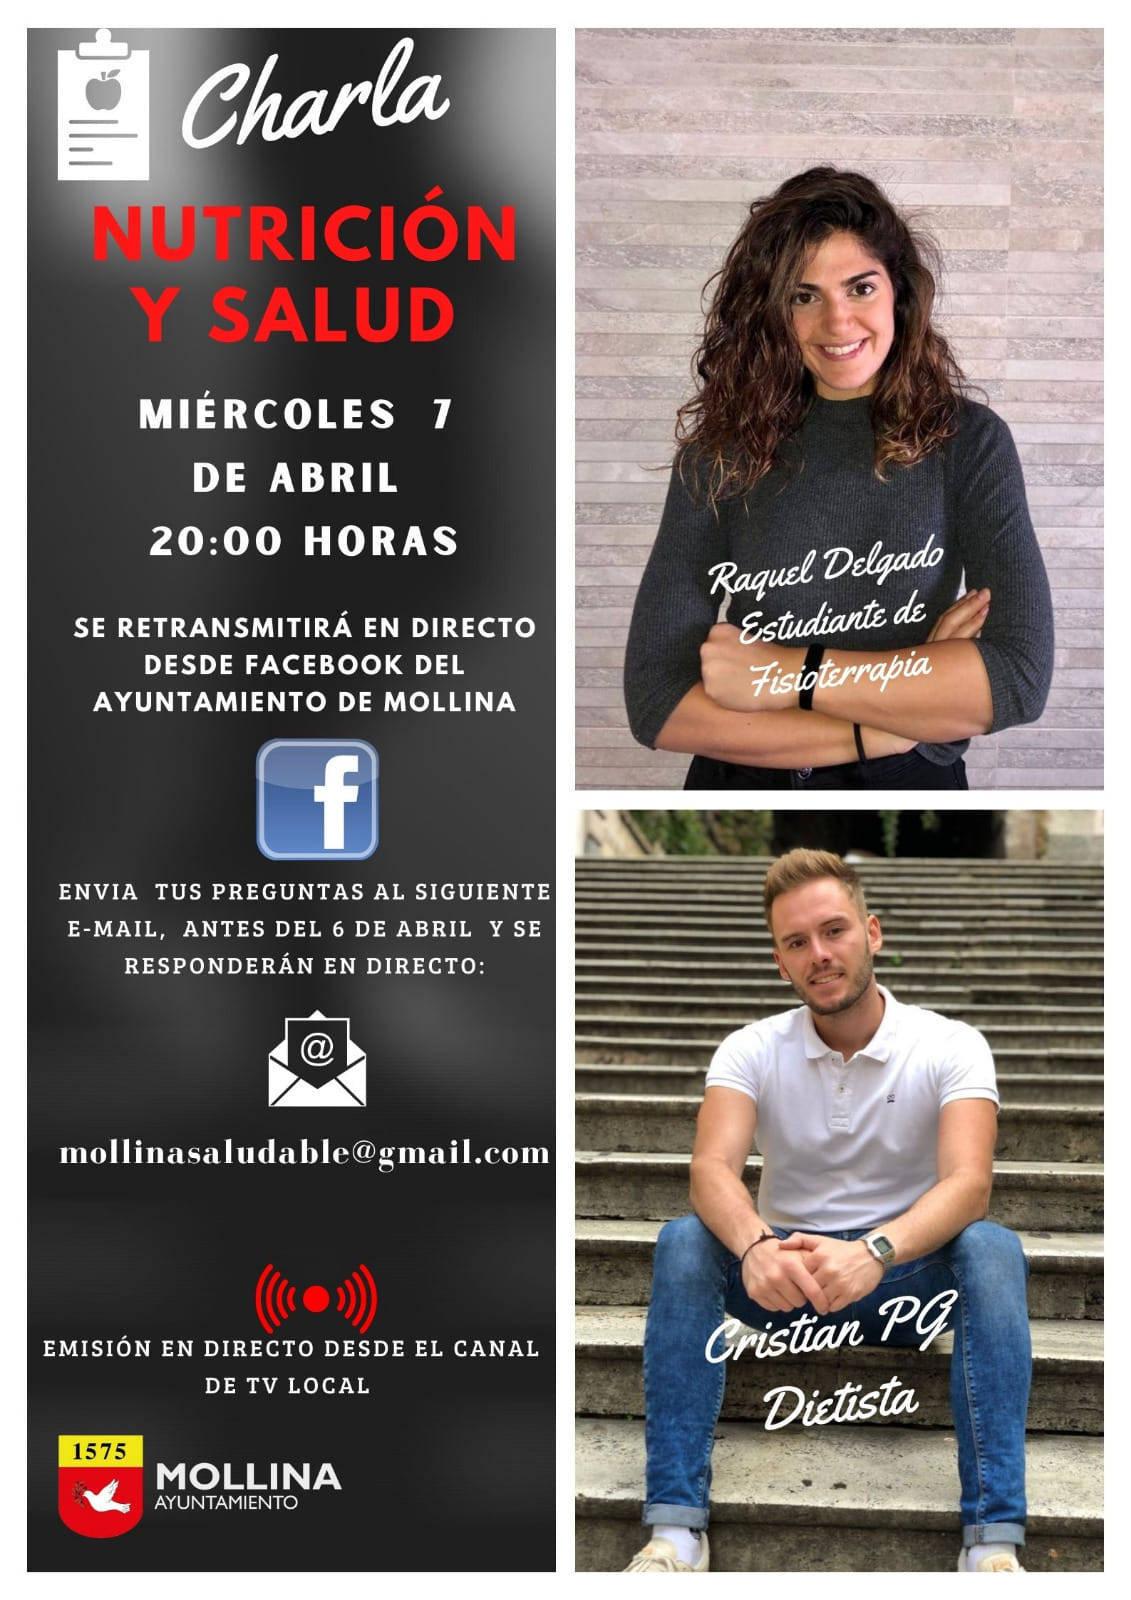 Charla de nutrición y salud (2021) - Mollina (Málaga)